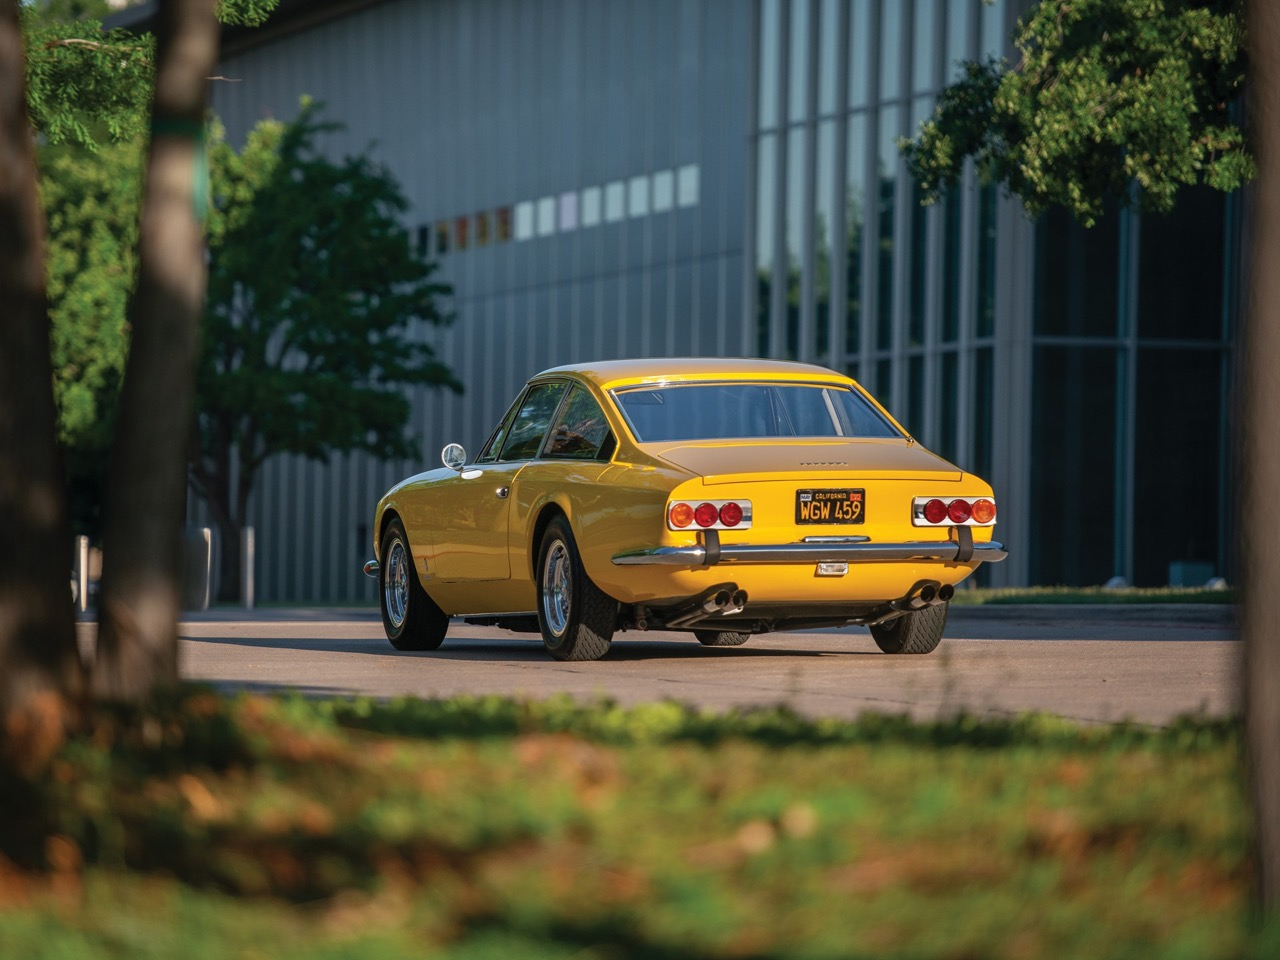 '68 Ferrari 365 GT 2+2 - Le charme des familiales ! 51